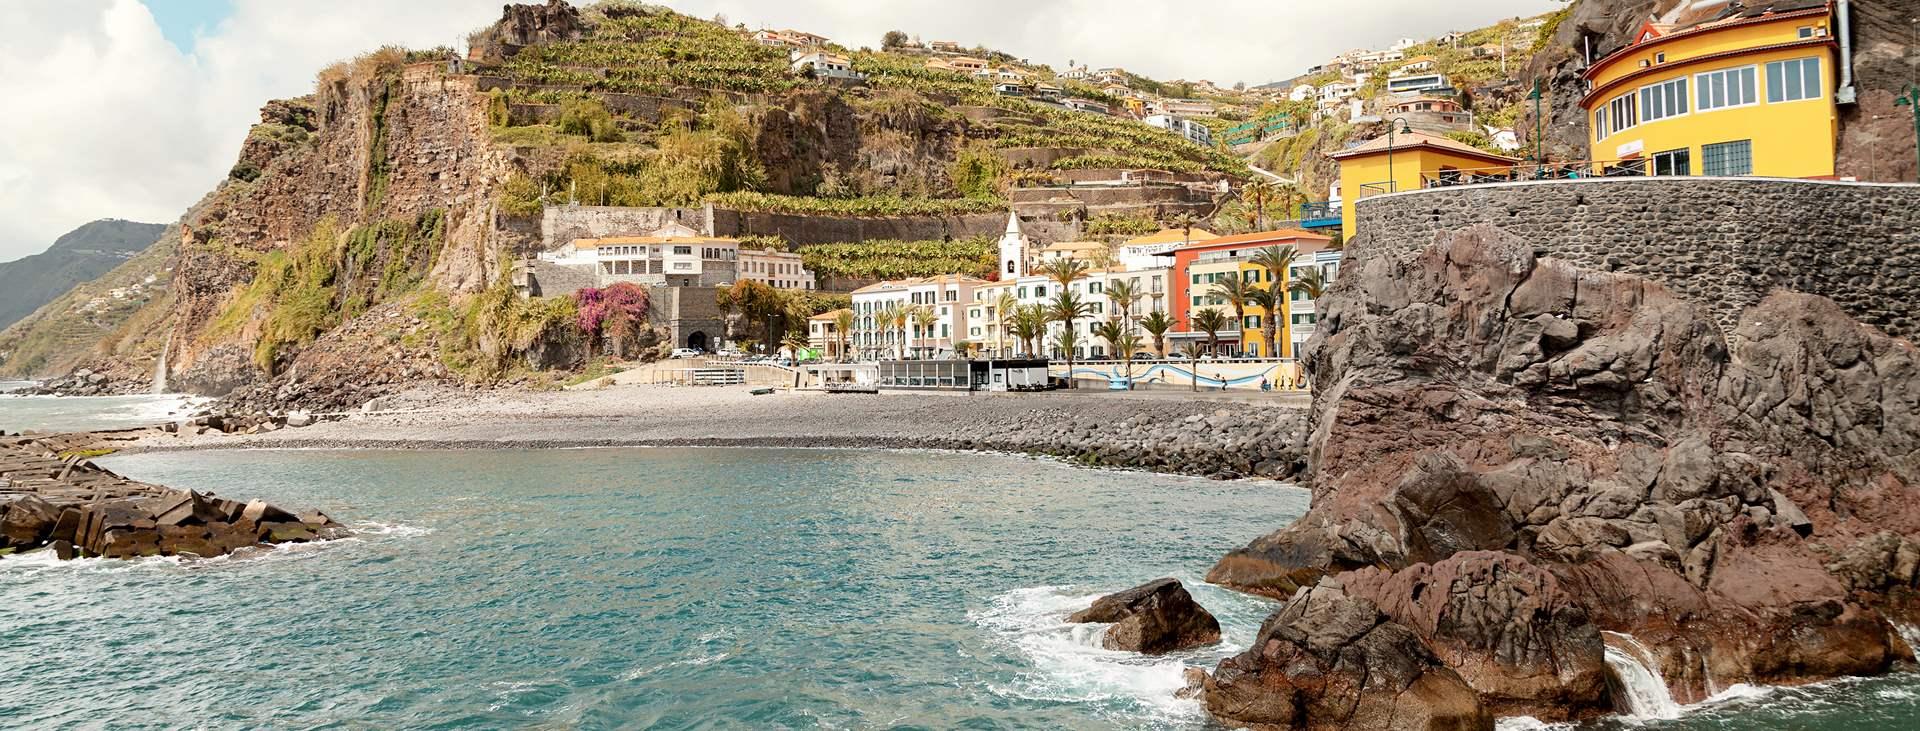 Bestill en reise med Ving til Madeira